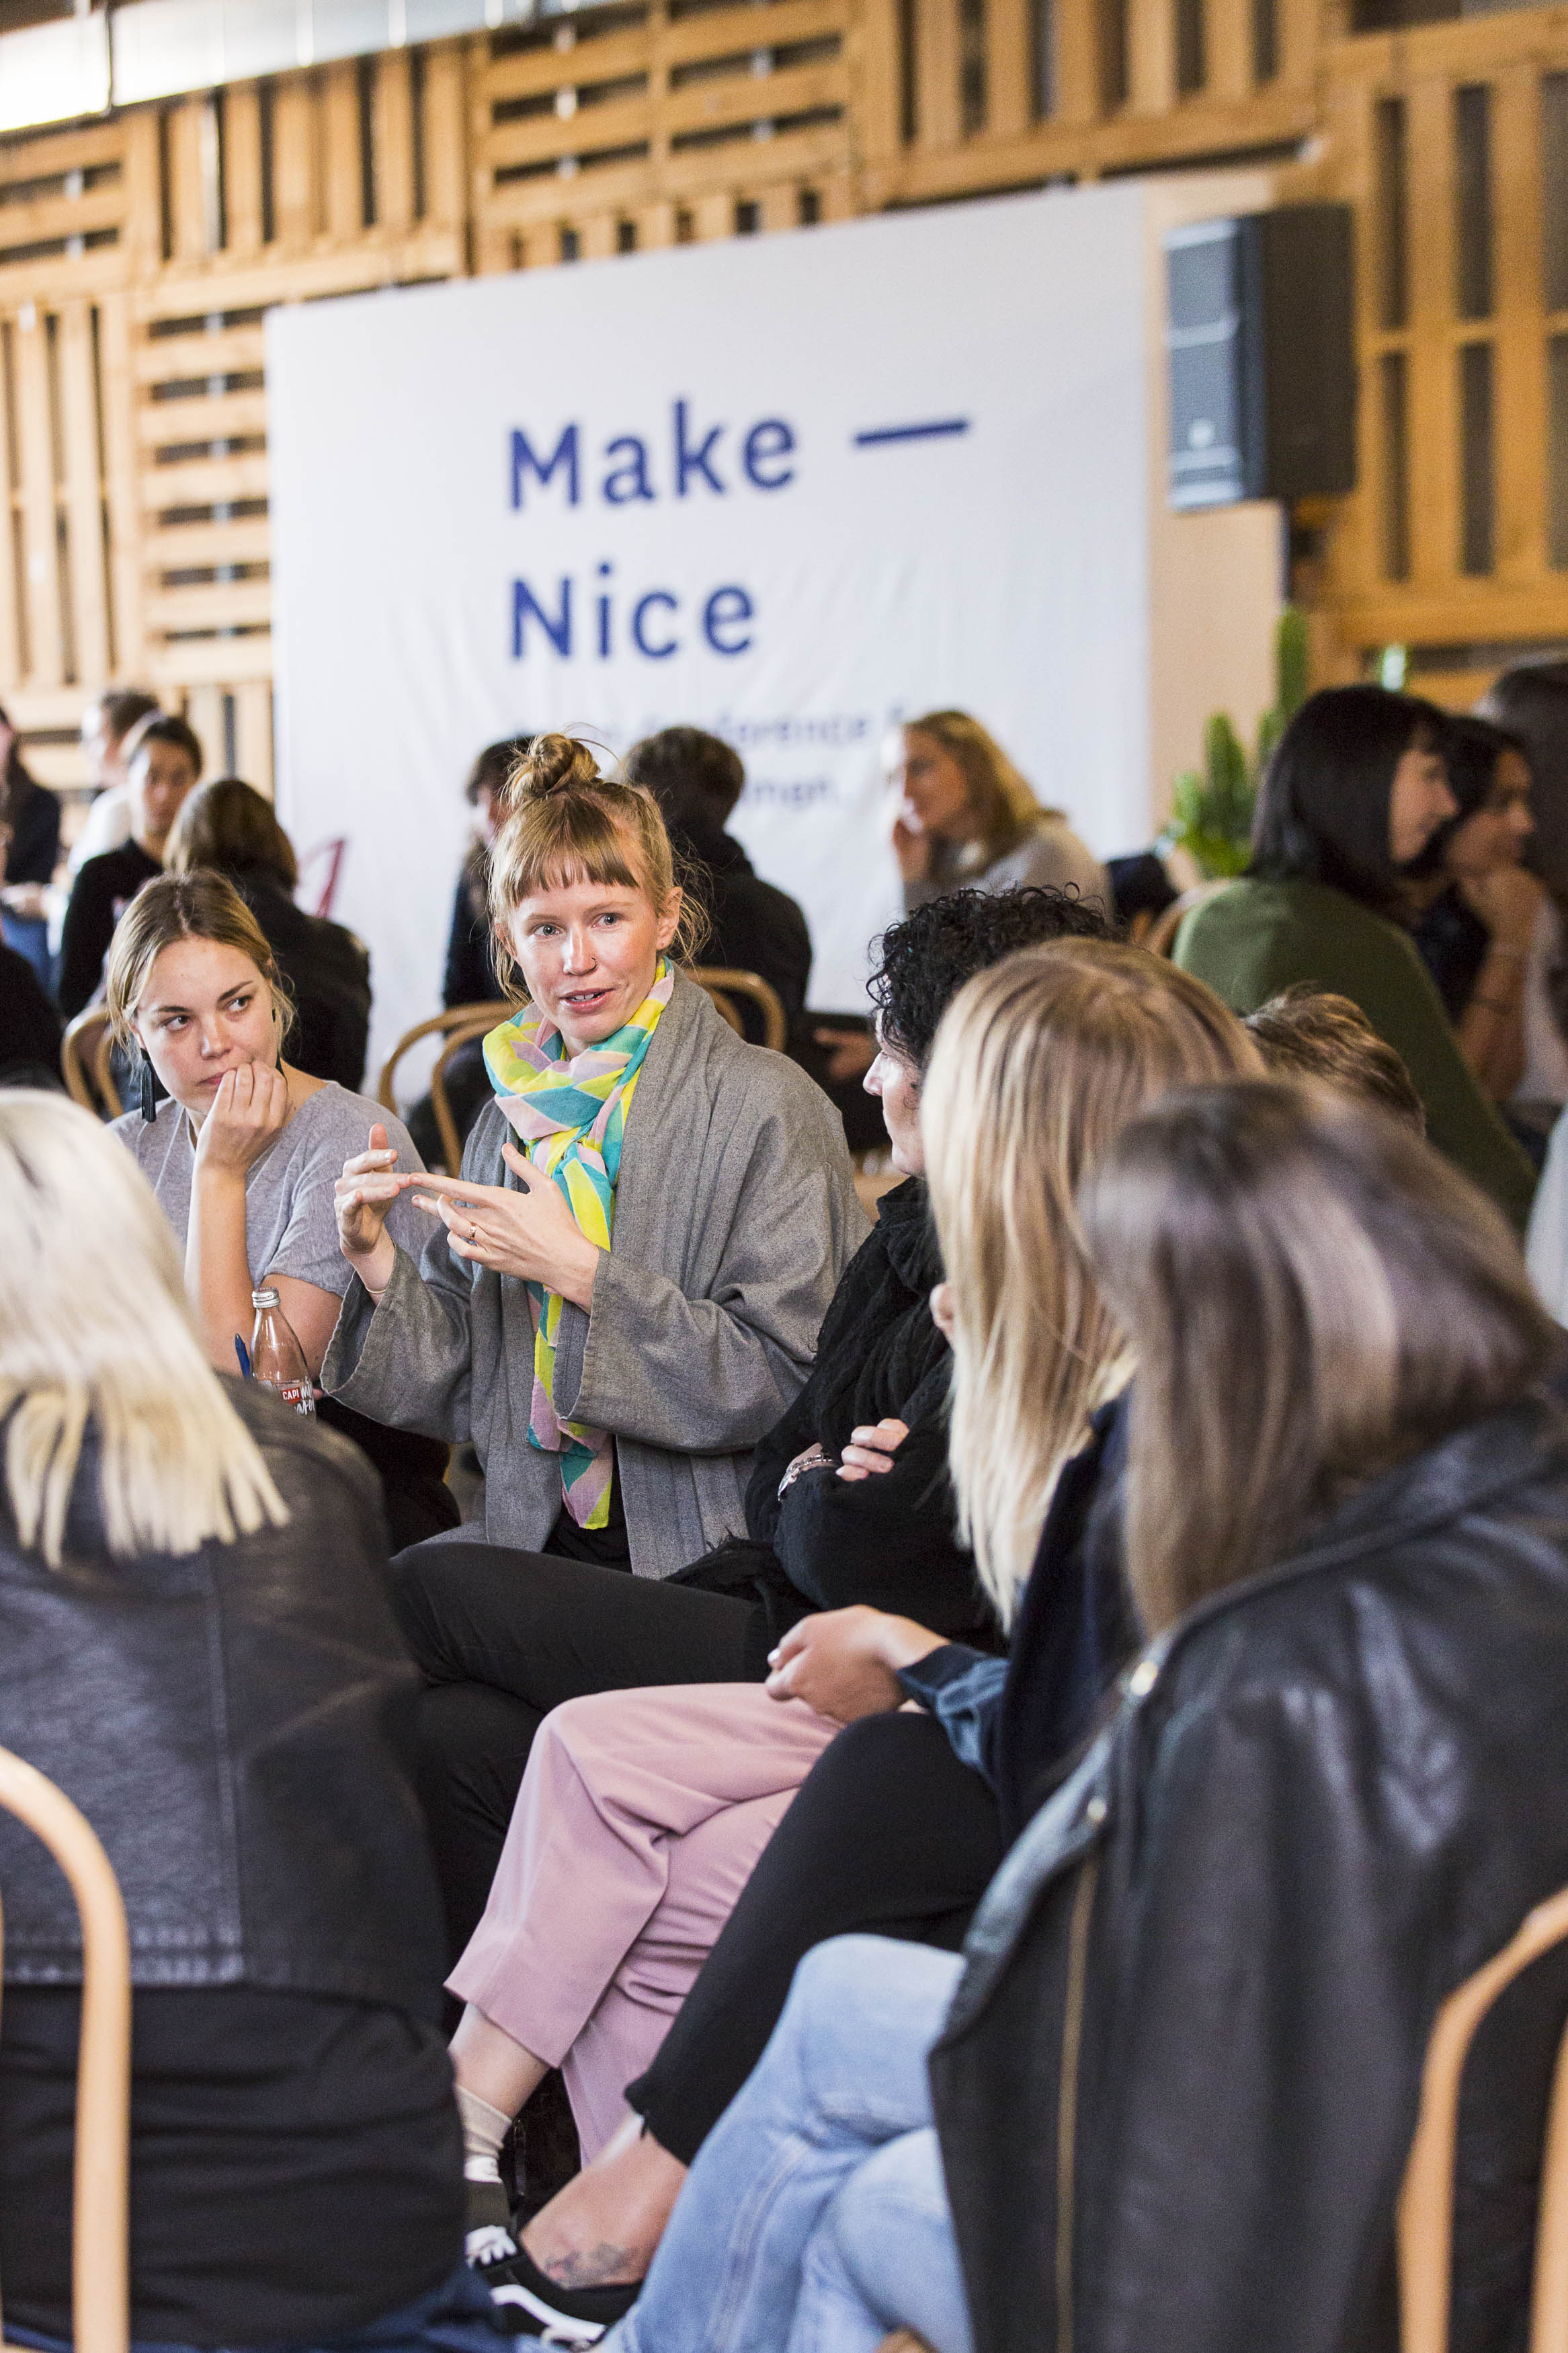 Make Nice at Vivid Ideas 2016.